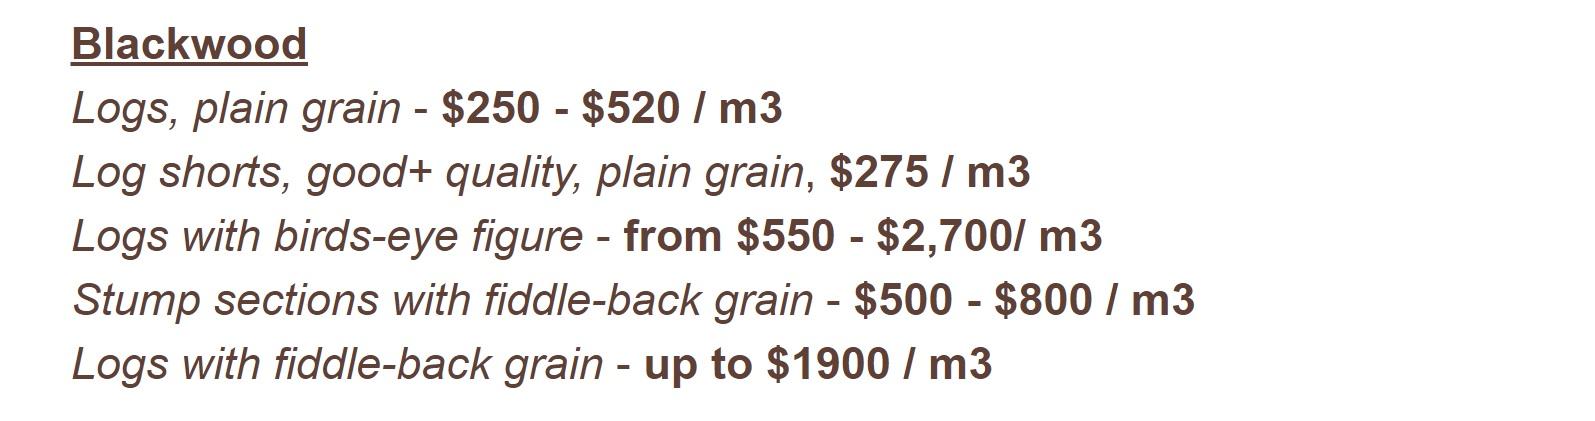 IST blackwood price summary